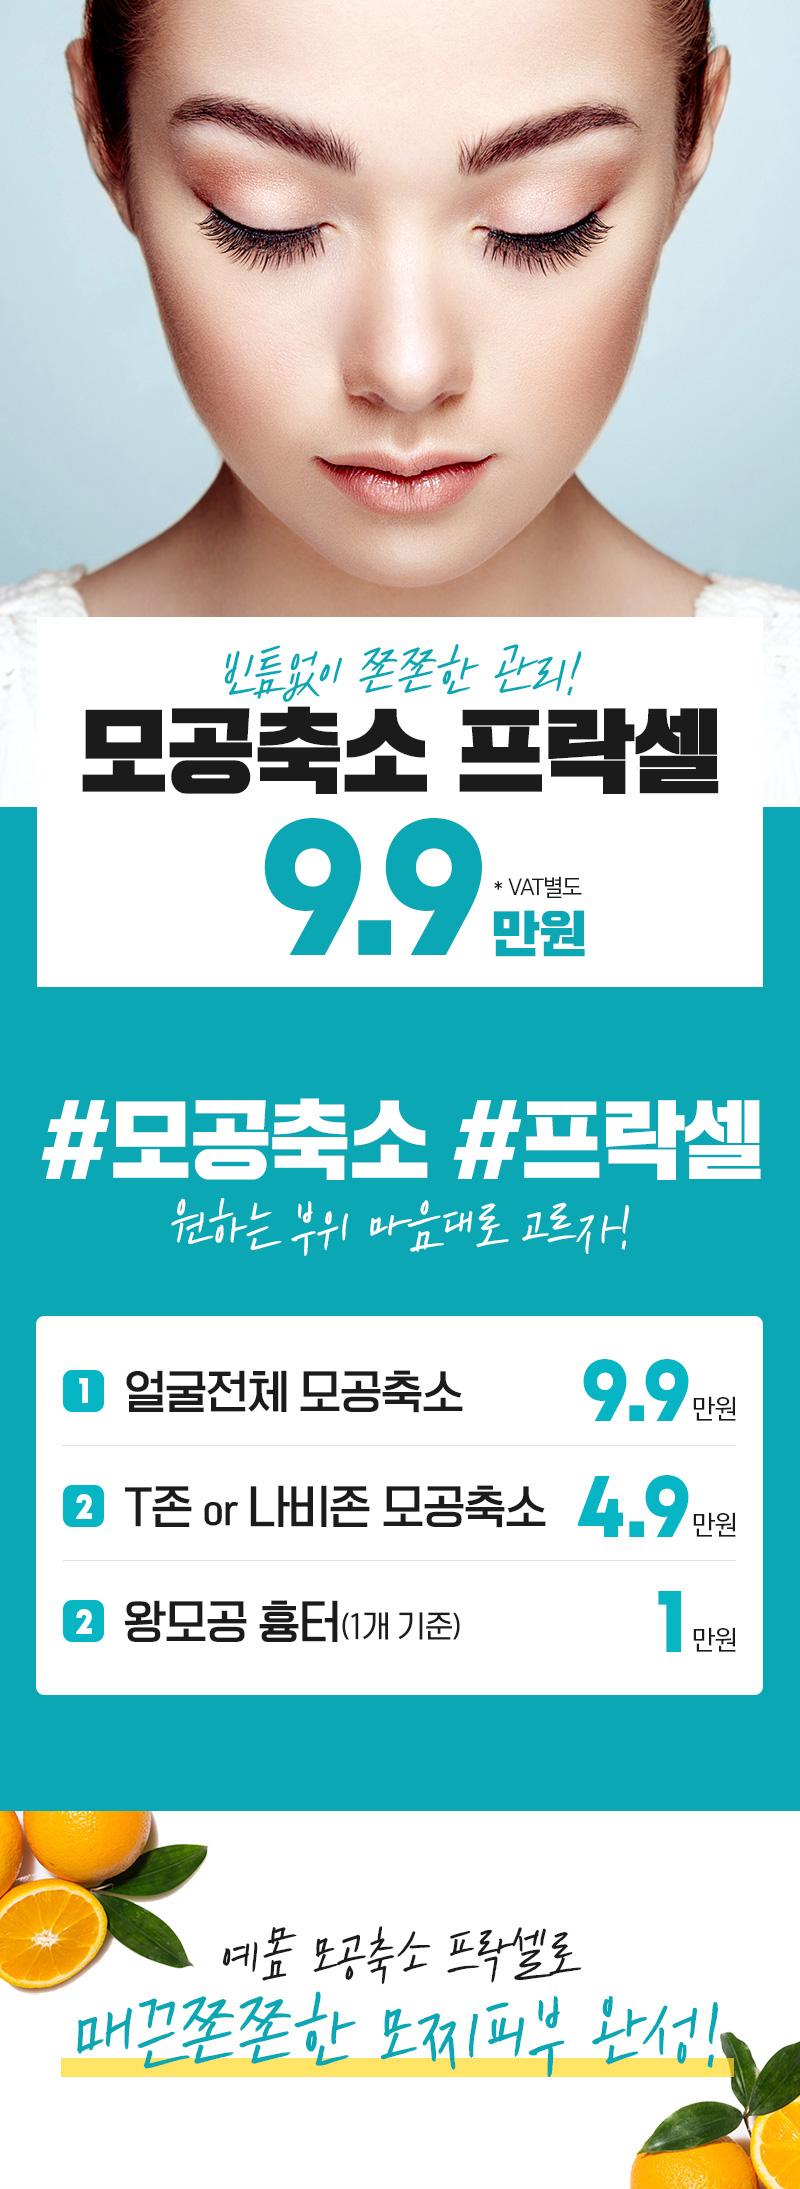 모공축소 쫀쫀하게 9.9만원